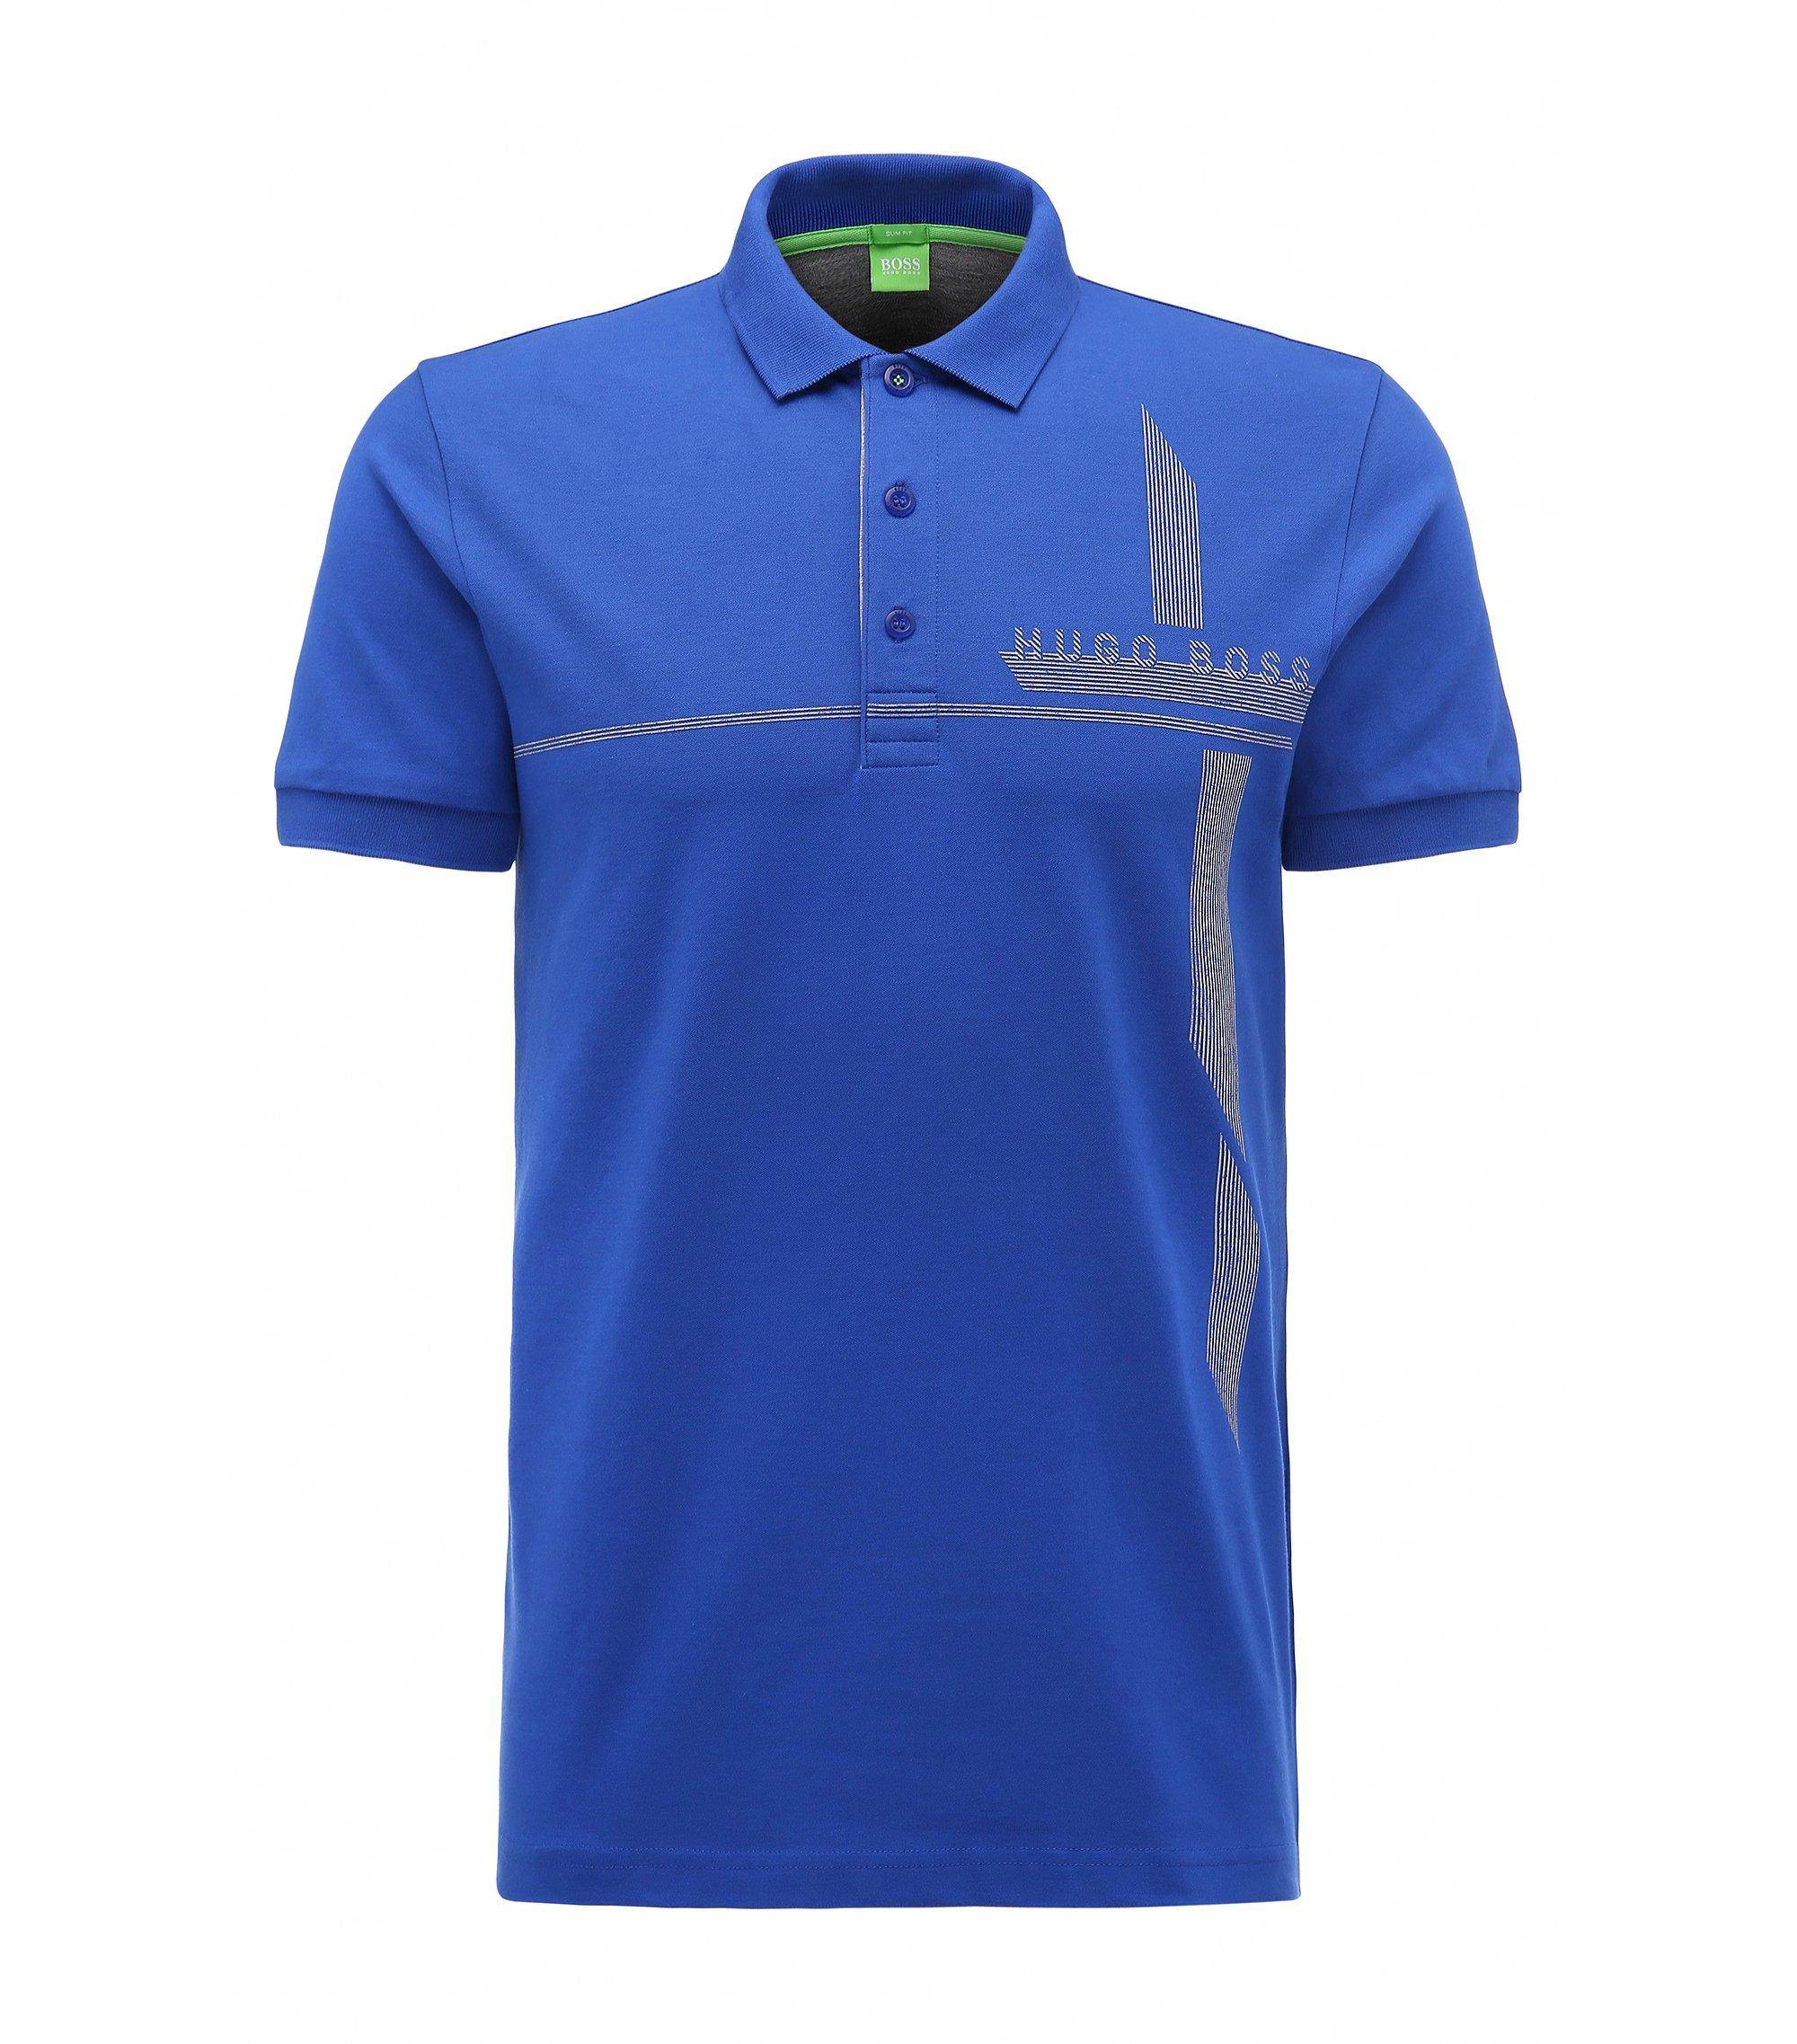 Piqué Stretch Cotton Polo Shirt, Slim Fit | M-Paule, Blue